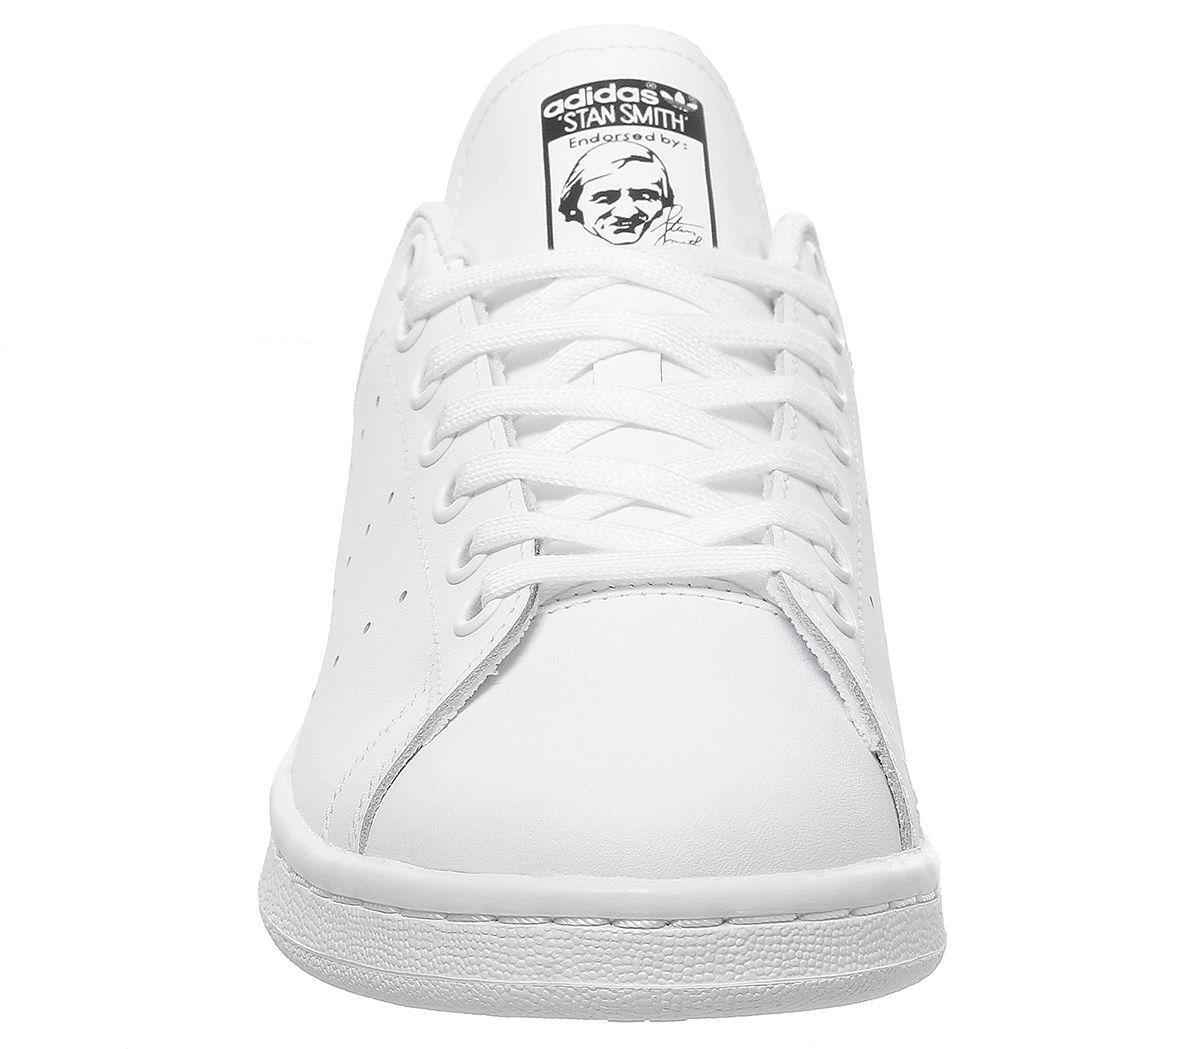 adidas Stan Smith GS White Black 02